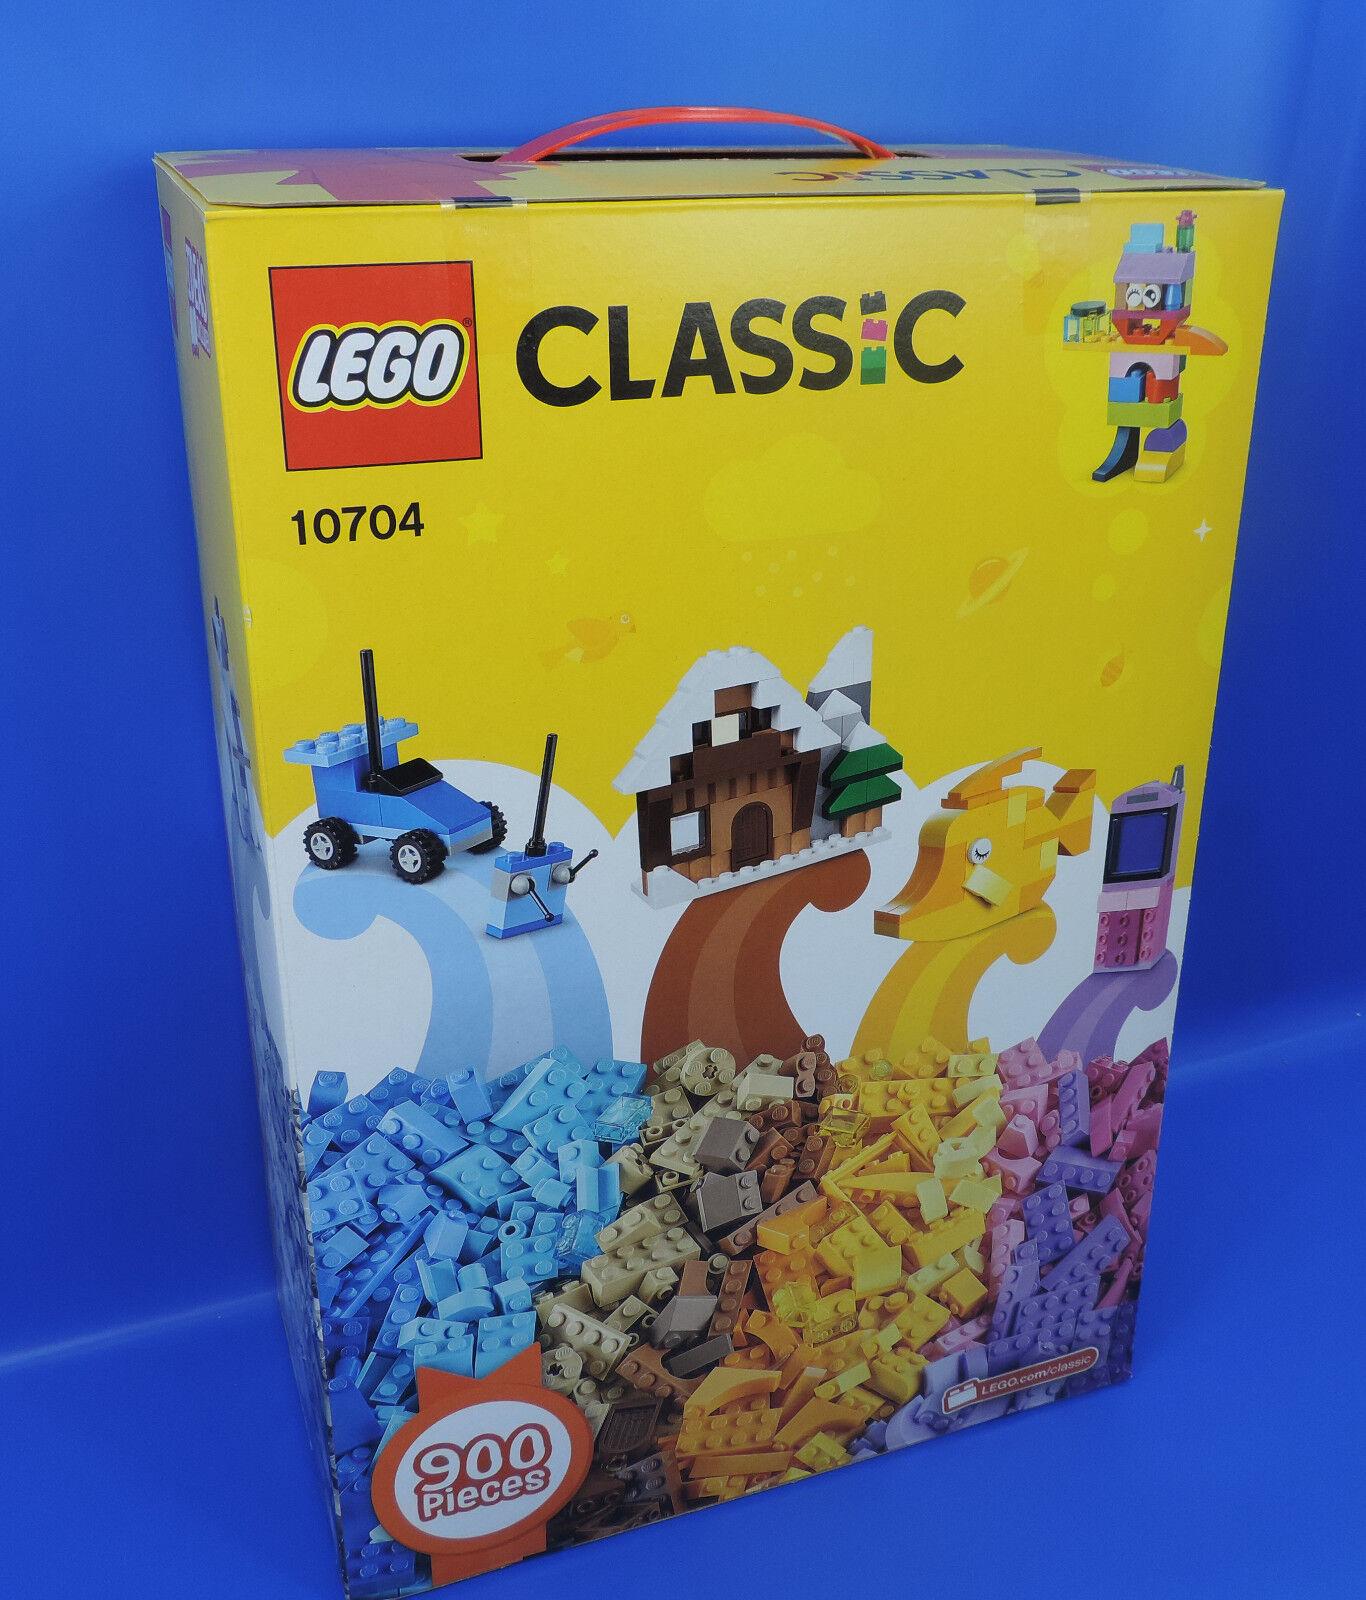 Lego Classique Set 10604 Grand Pièces de Construction Kreativ-Box 900 Pièces